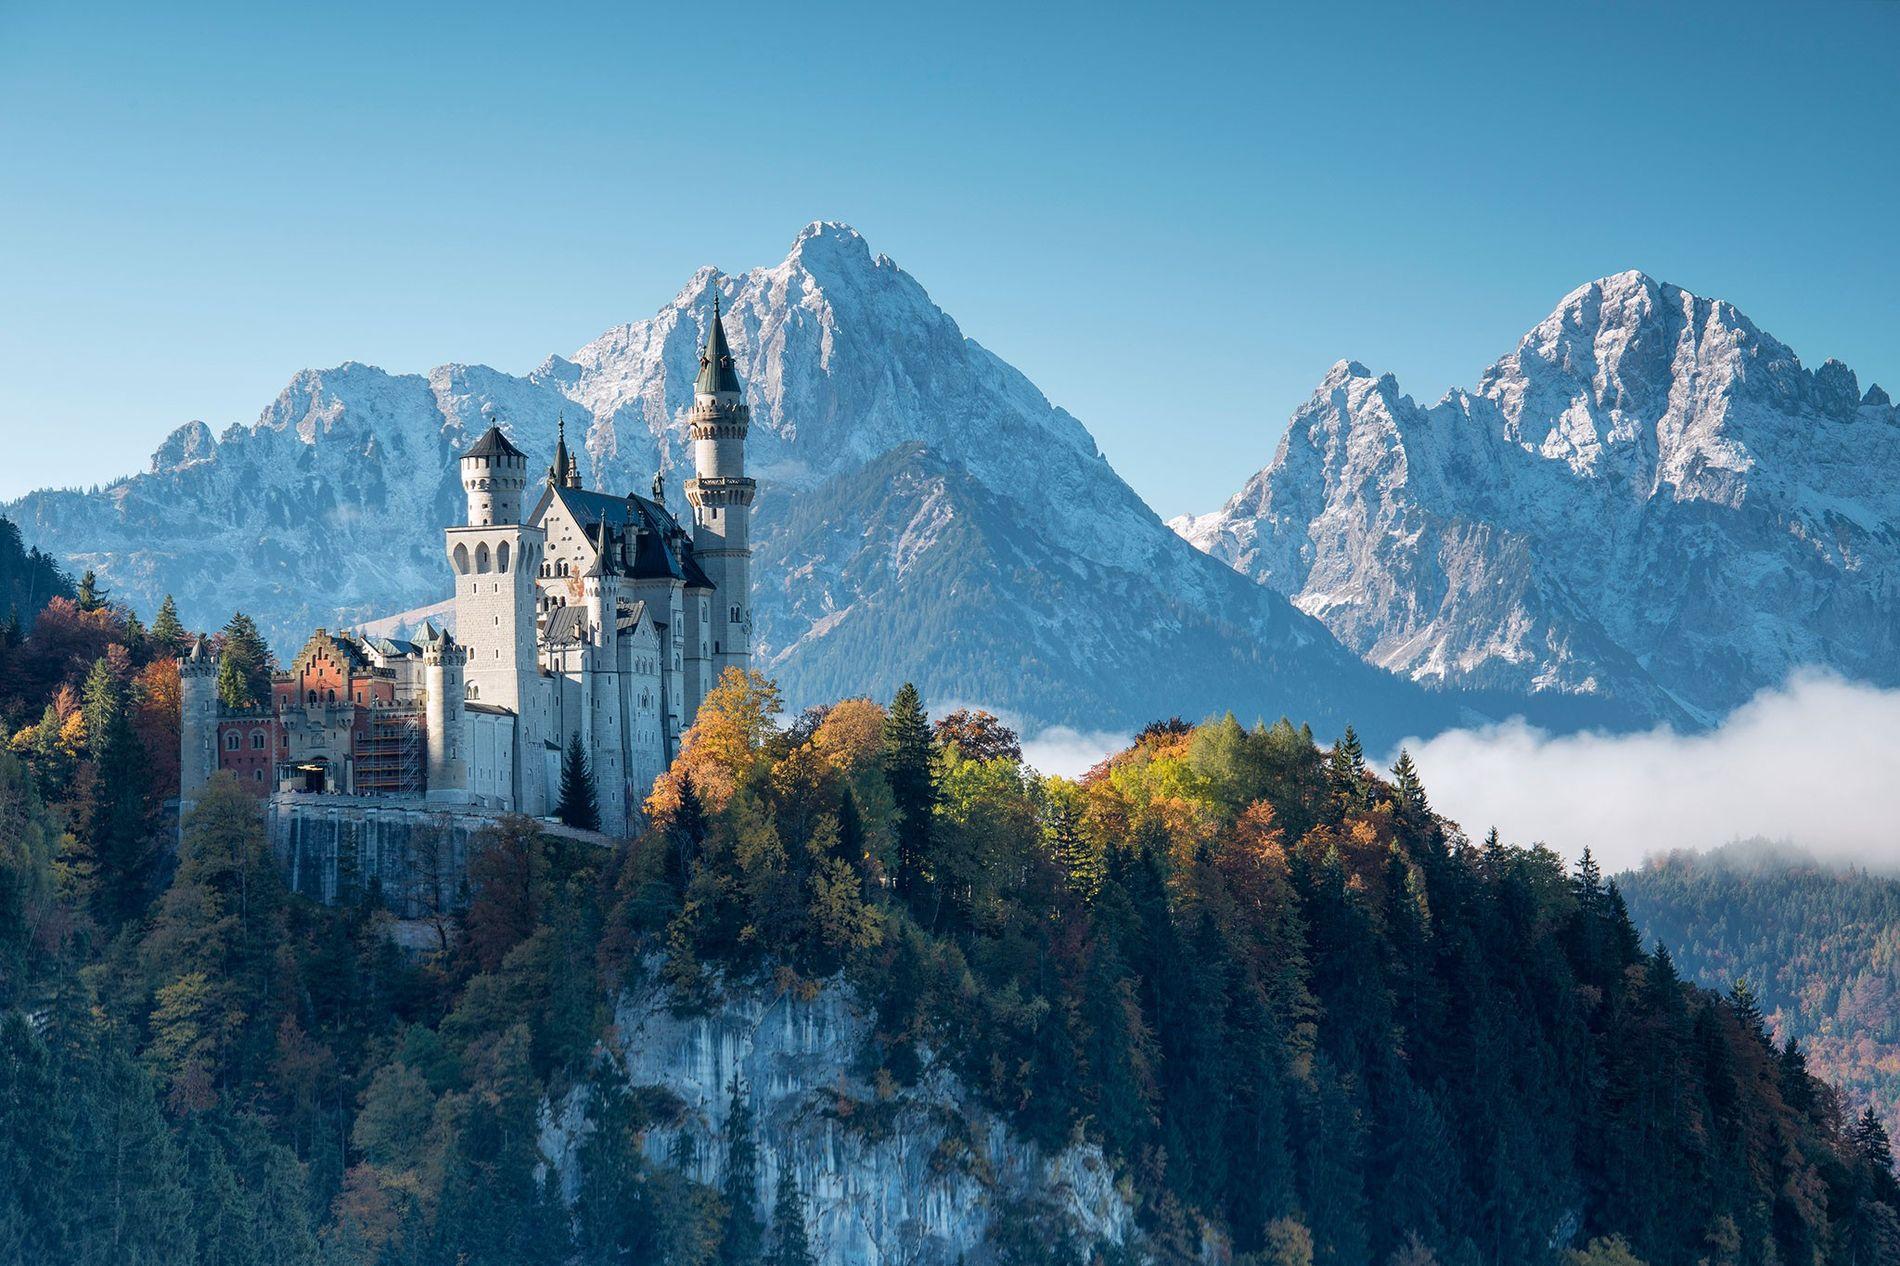 Le château de Neuschwanstein est le plus visité d'Allemagne et l'une des destinations touristiques les plus ...